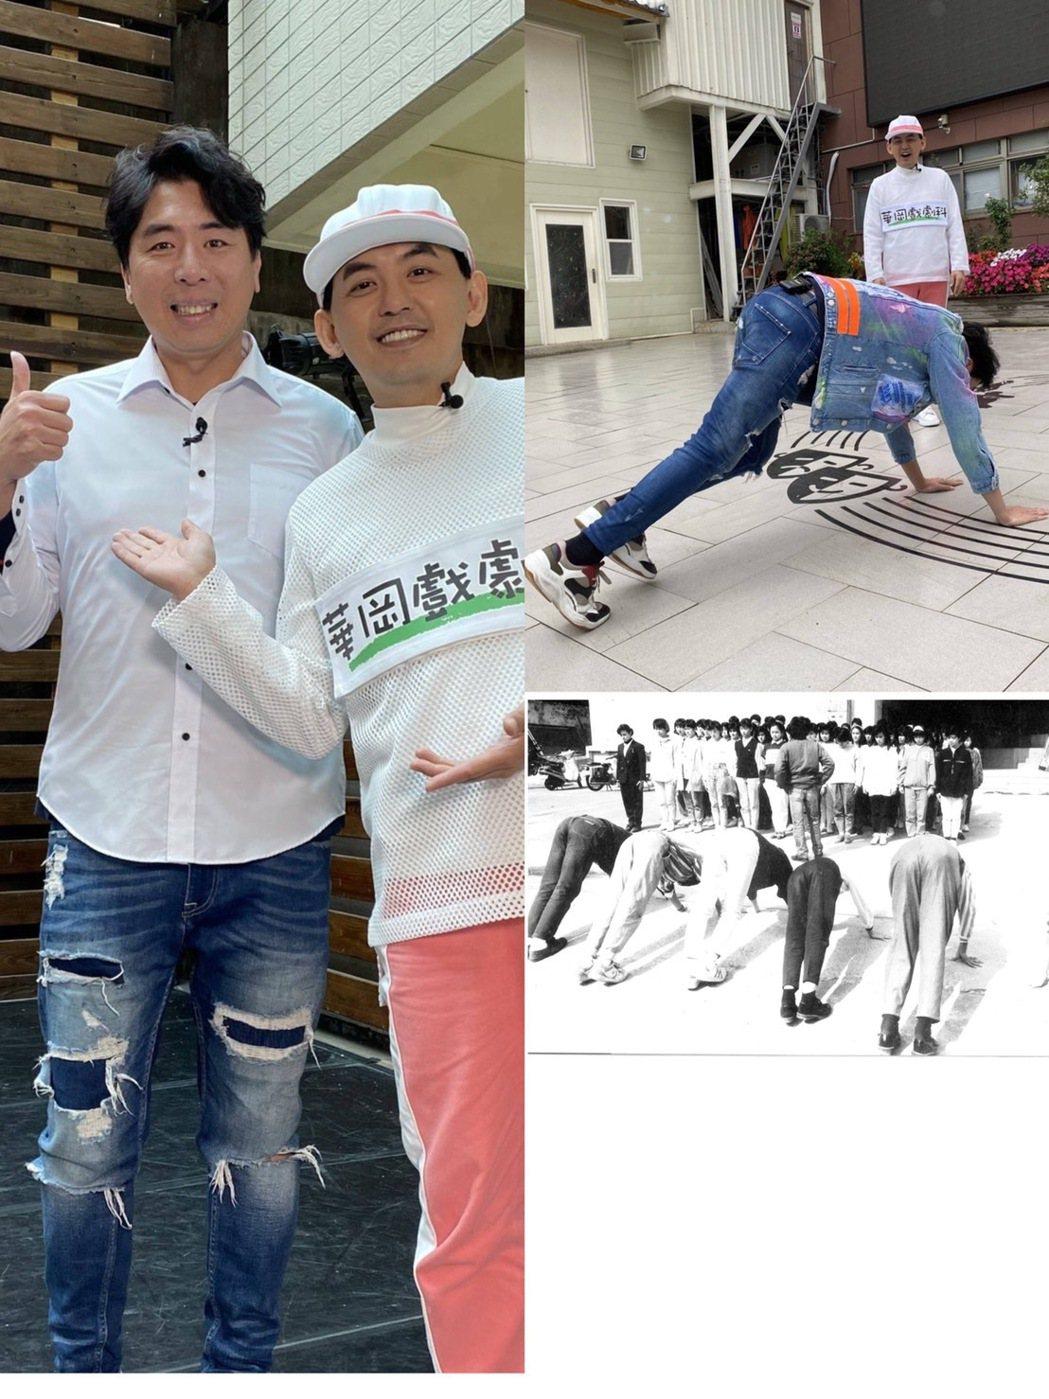 梁赫群回華崗藝校,在大門口重現當年遭老師體罰趴地的姿勢。圖/一個都不能少粉專